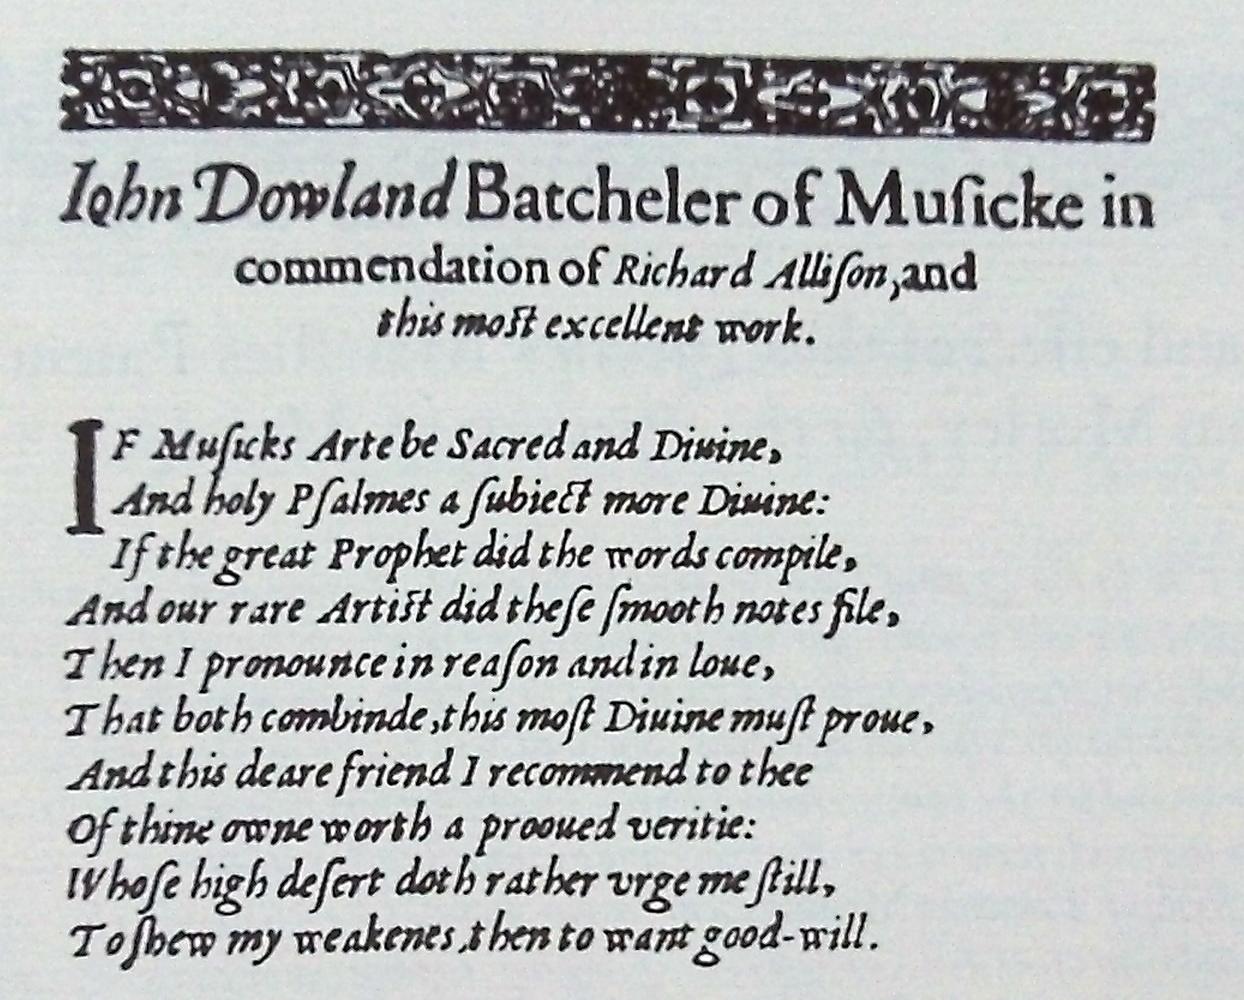 dícsérő verses ajánlás - John Dowland